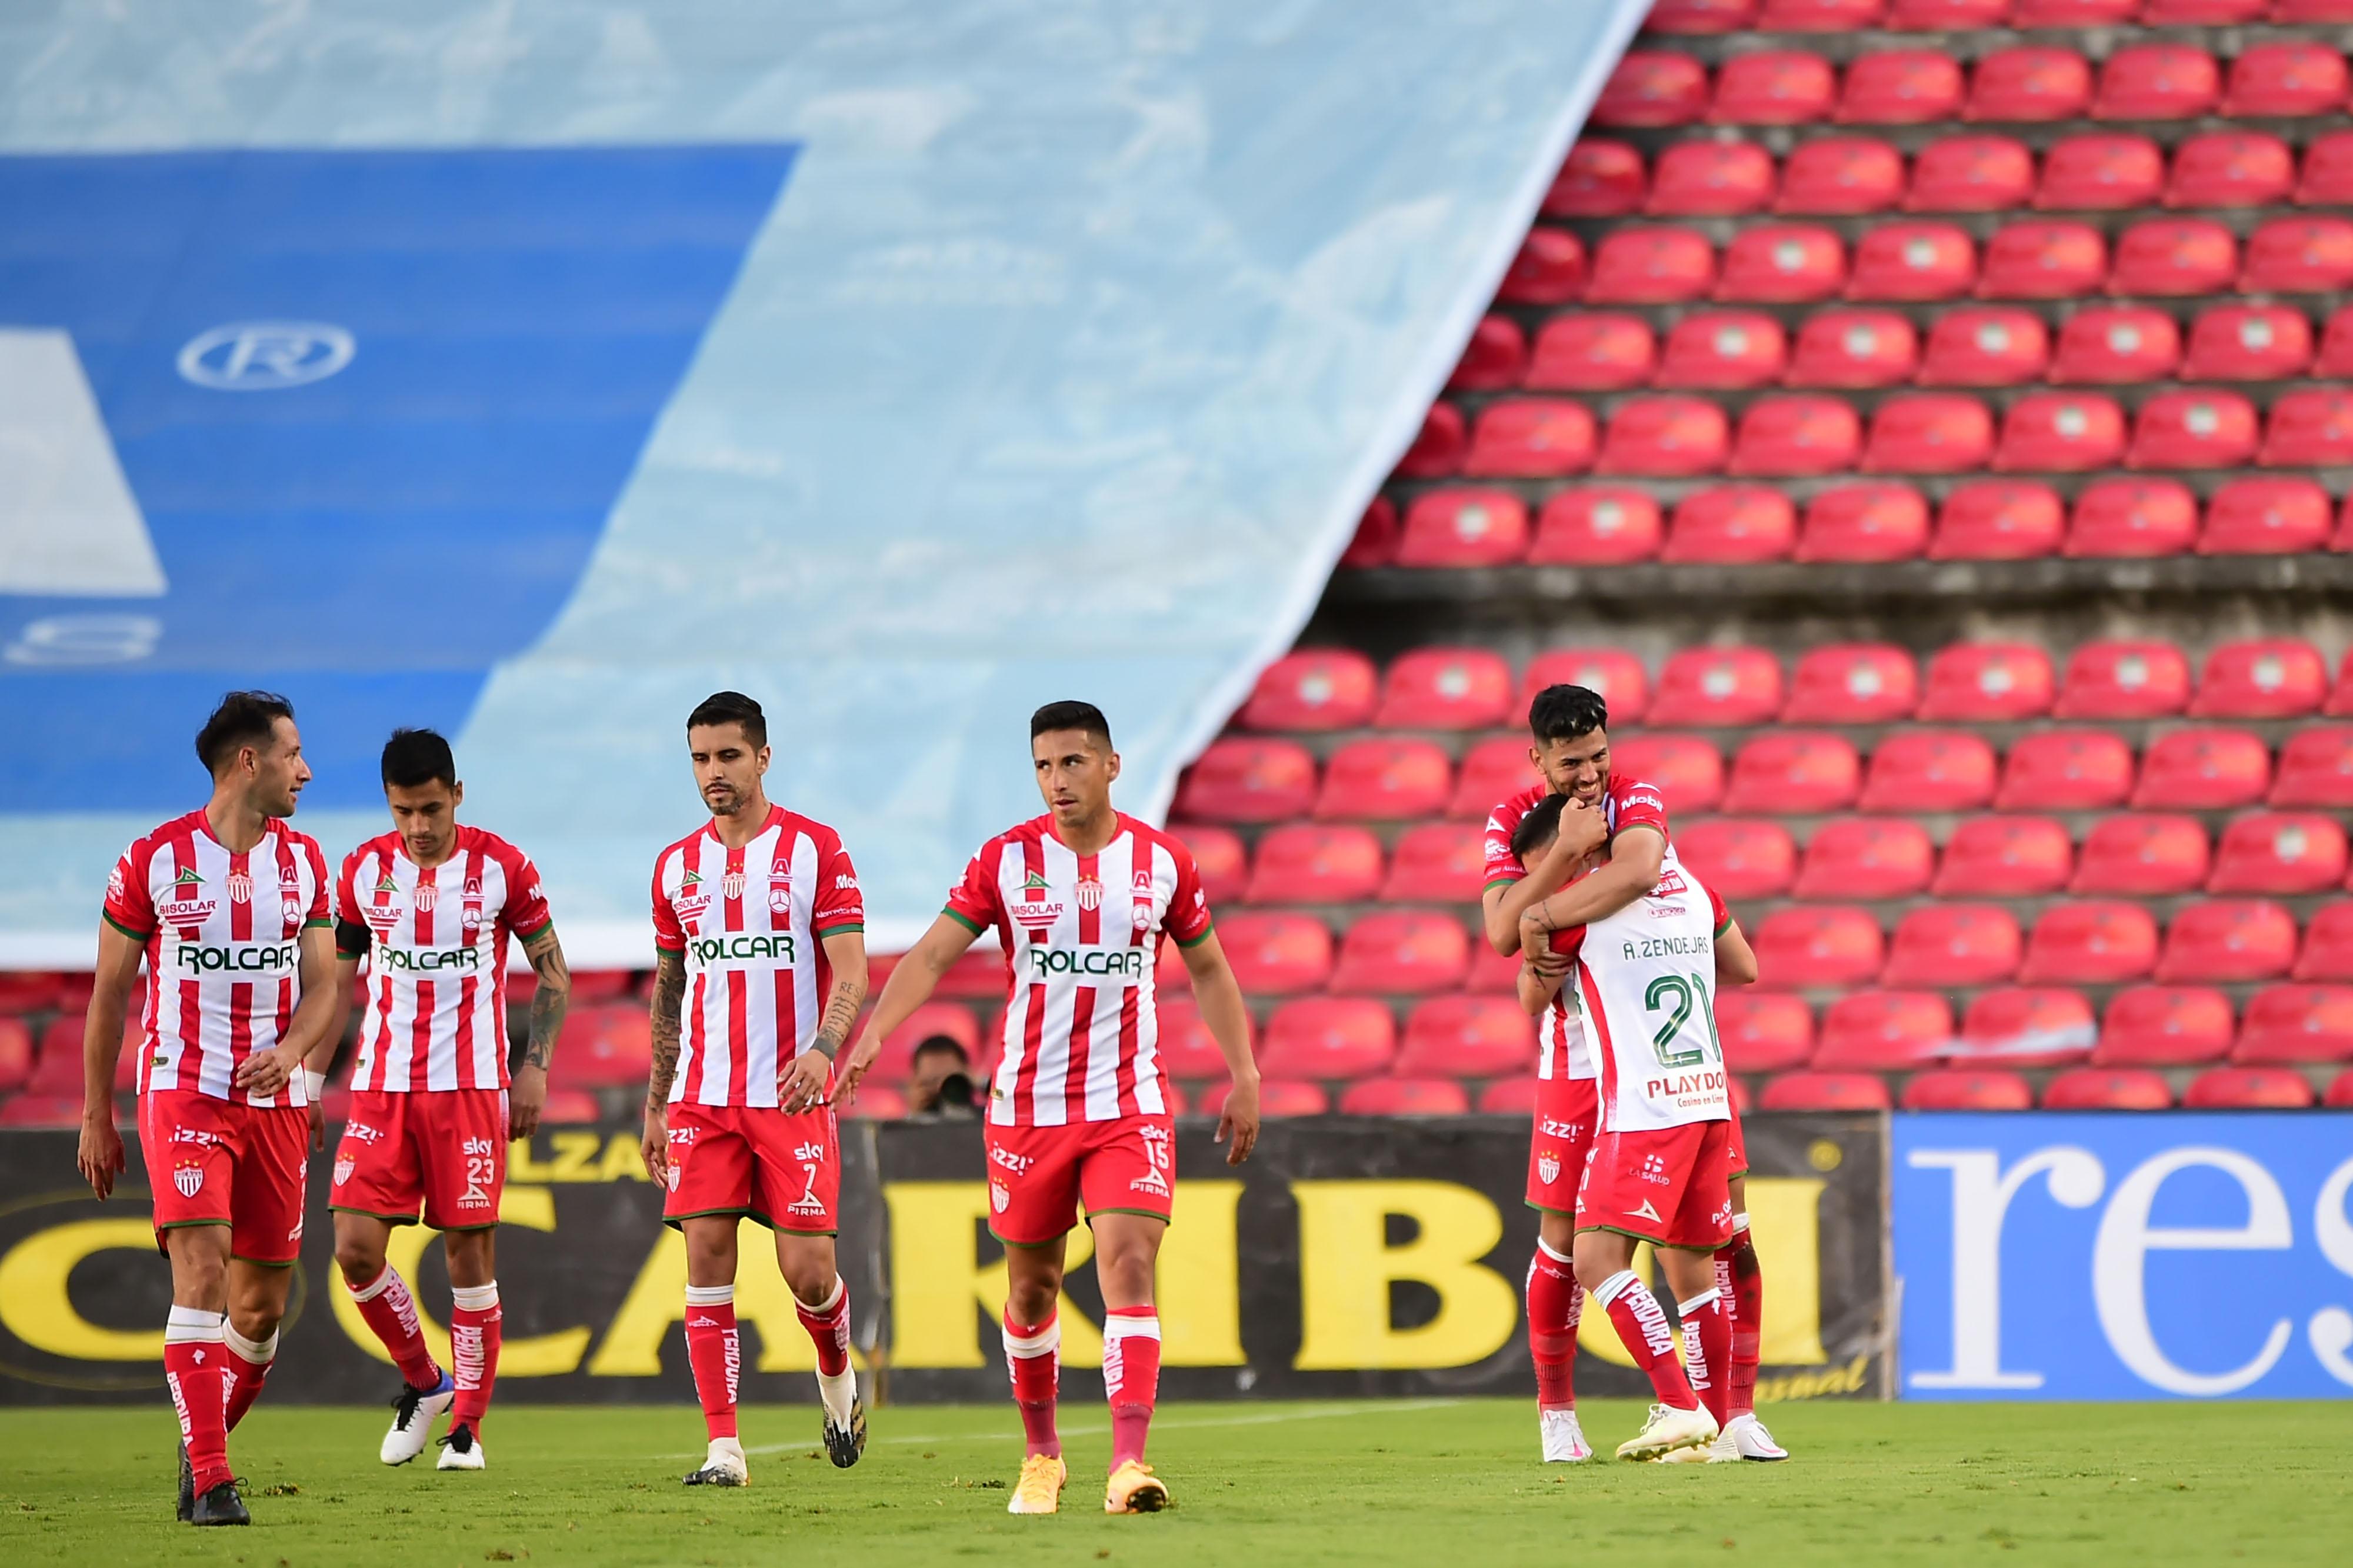 Necaxa sorprende a Querétaro como visitante y se lleva los tres puntos